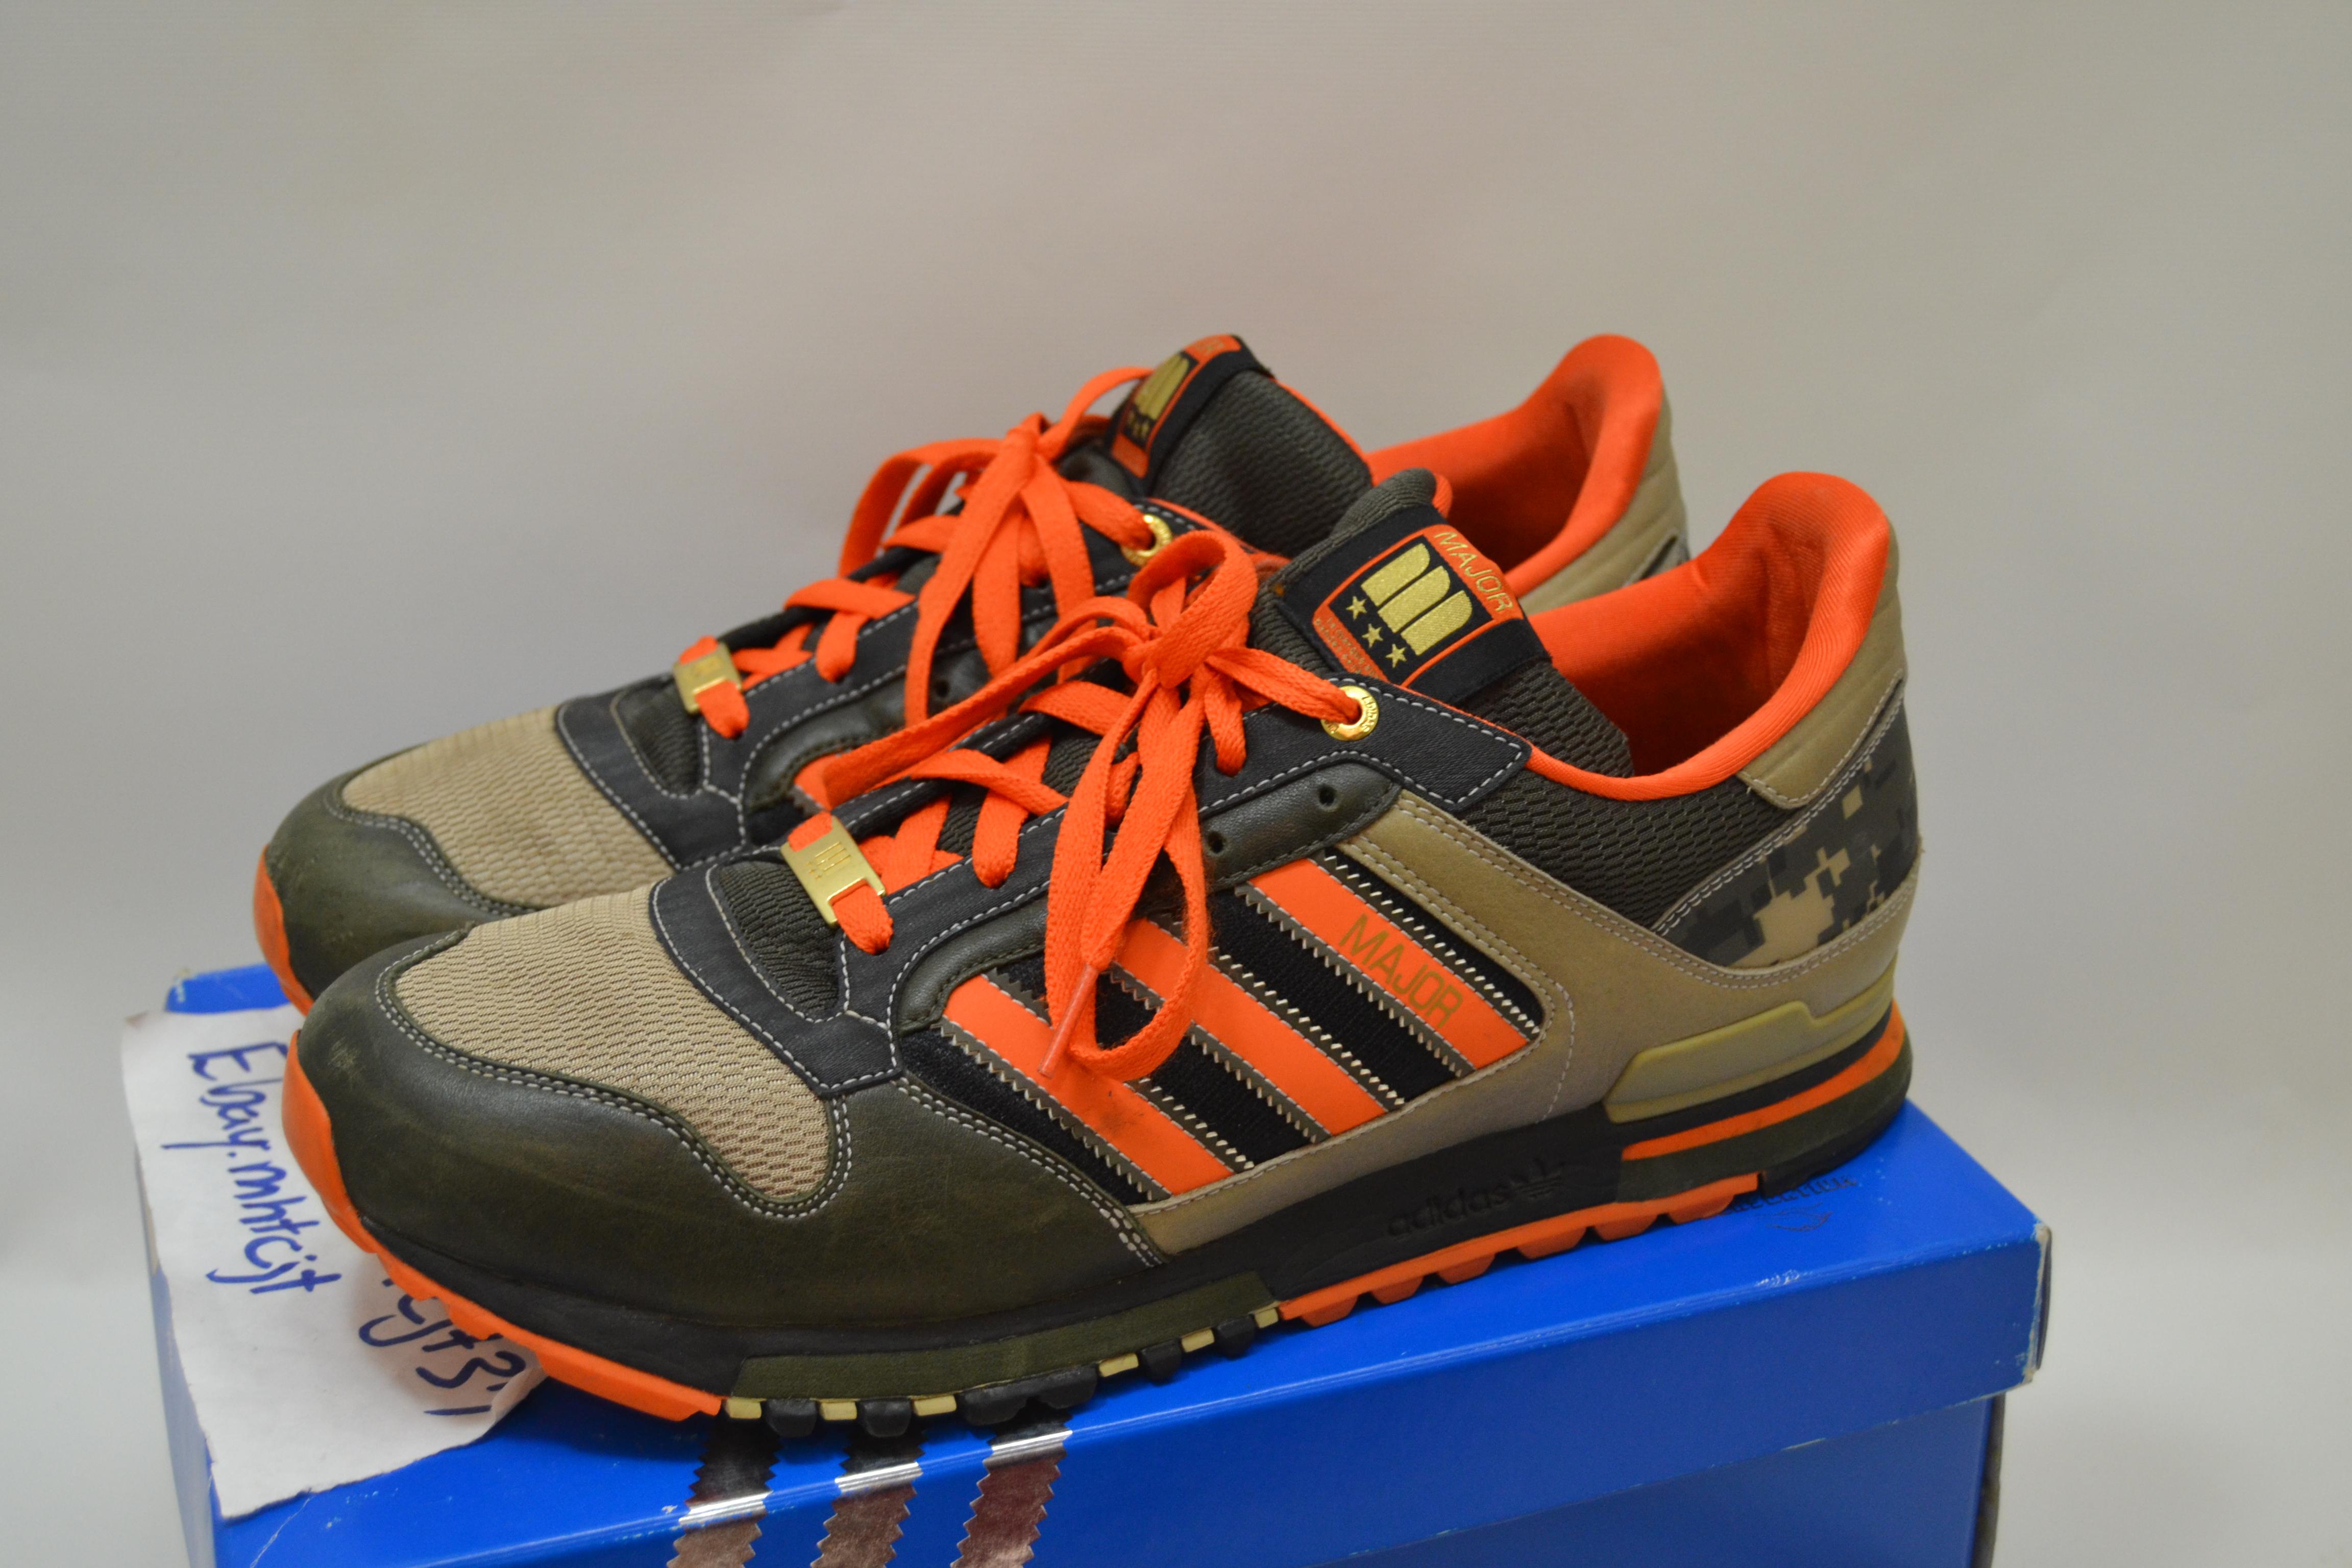 Adidas Zx 450 myultimatewebsitehosting.co.uk